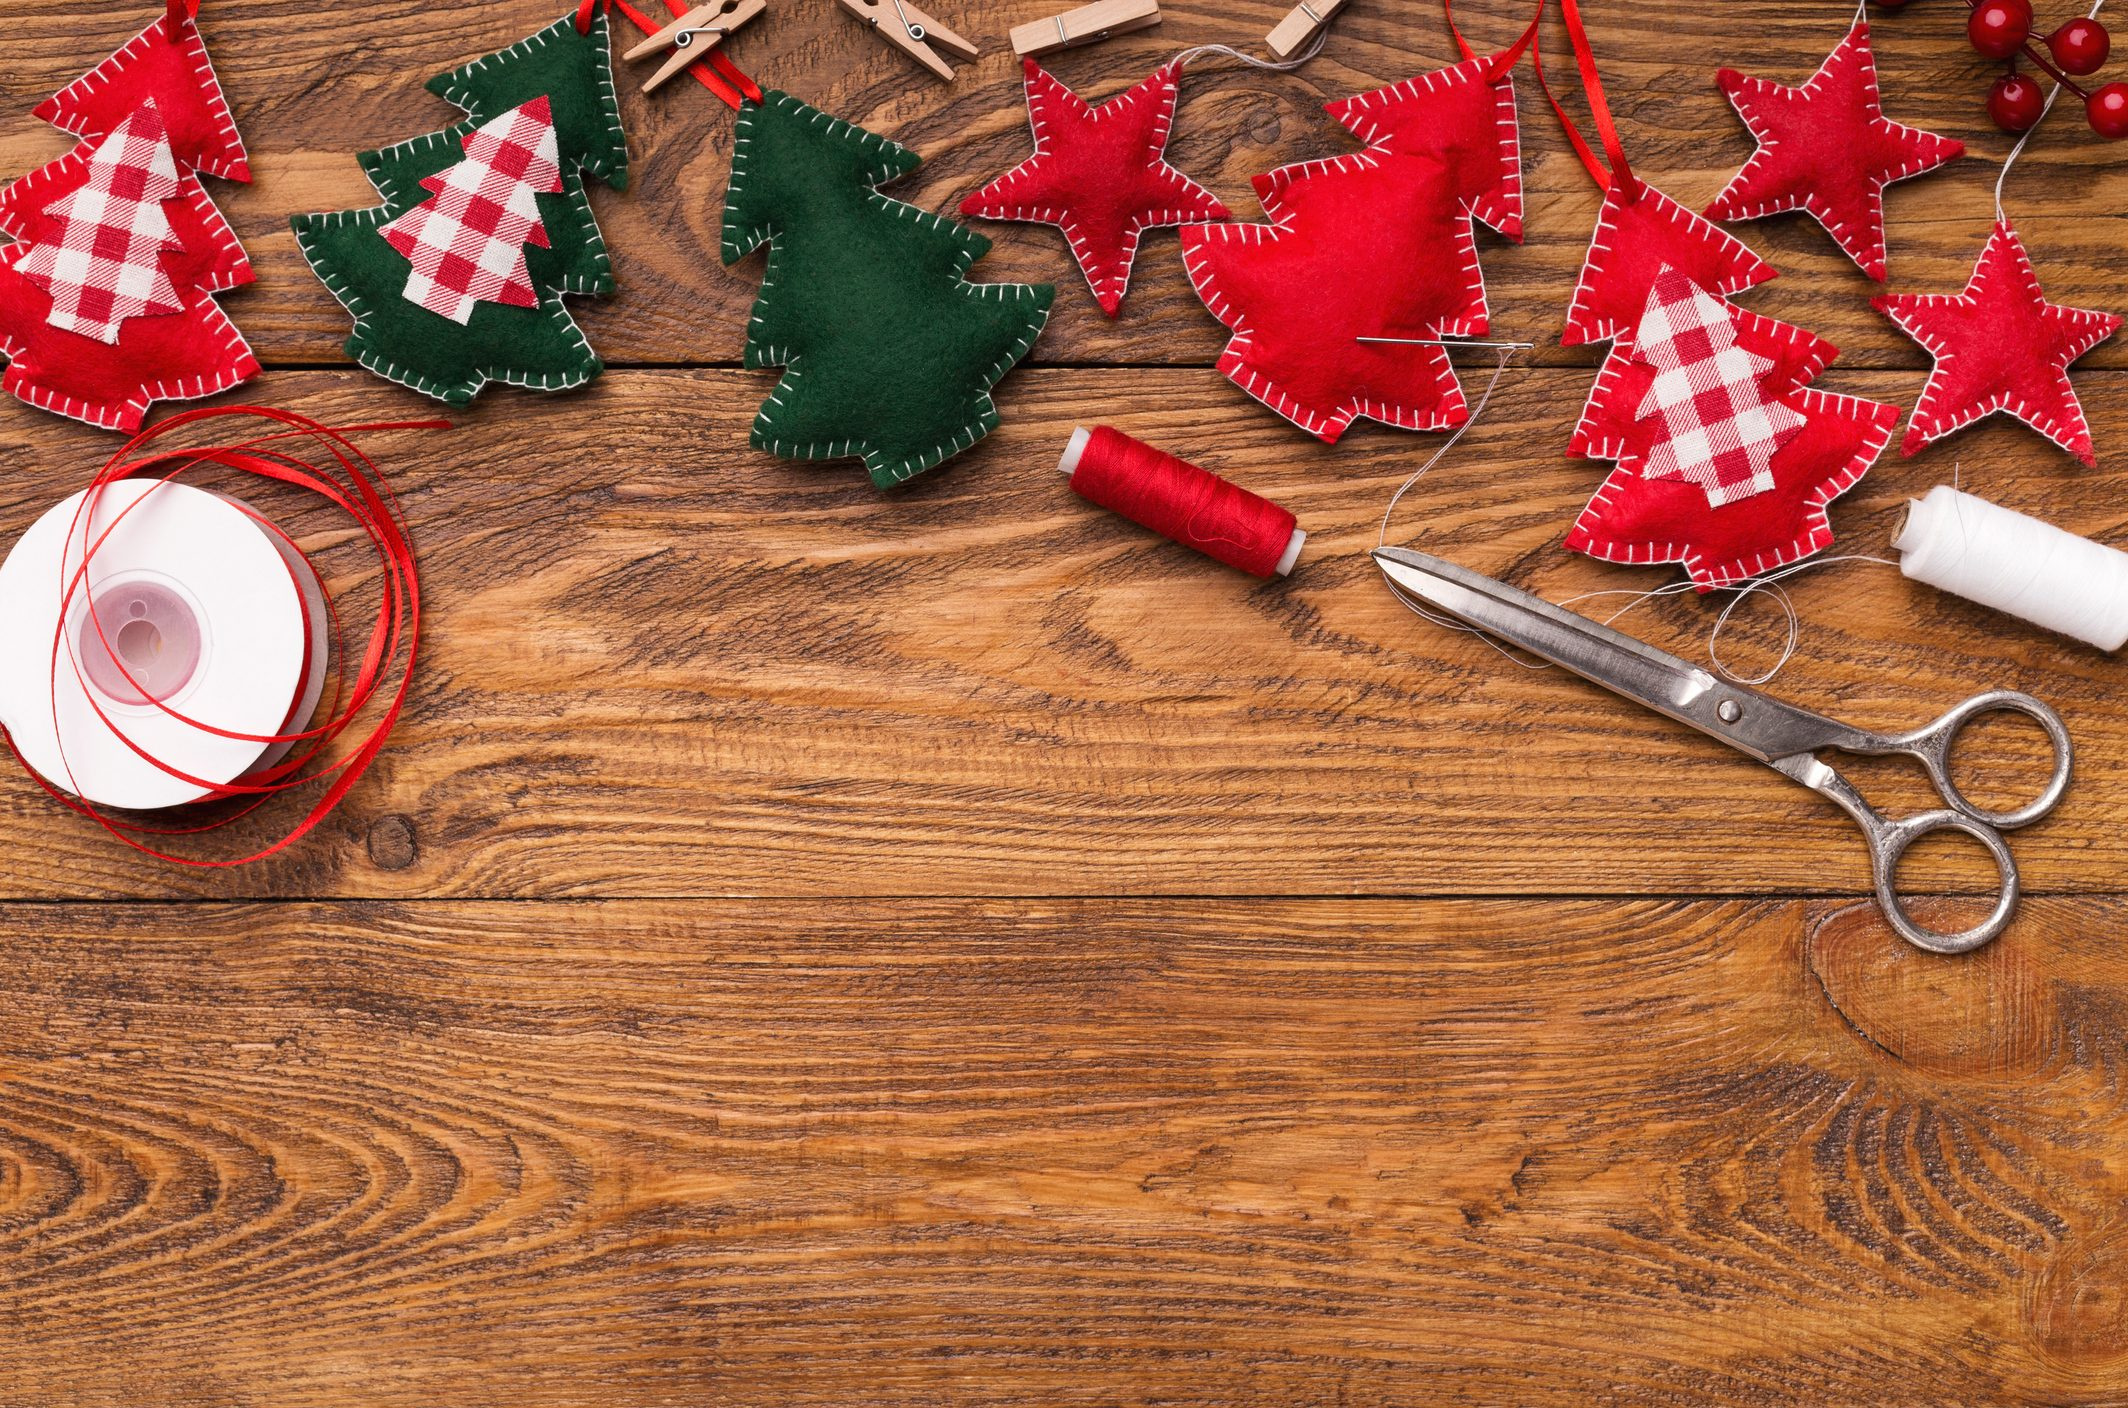 Stelle Di Natale Da Costruire albero di natale fai da te: hai scelto come realizzare